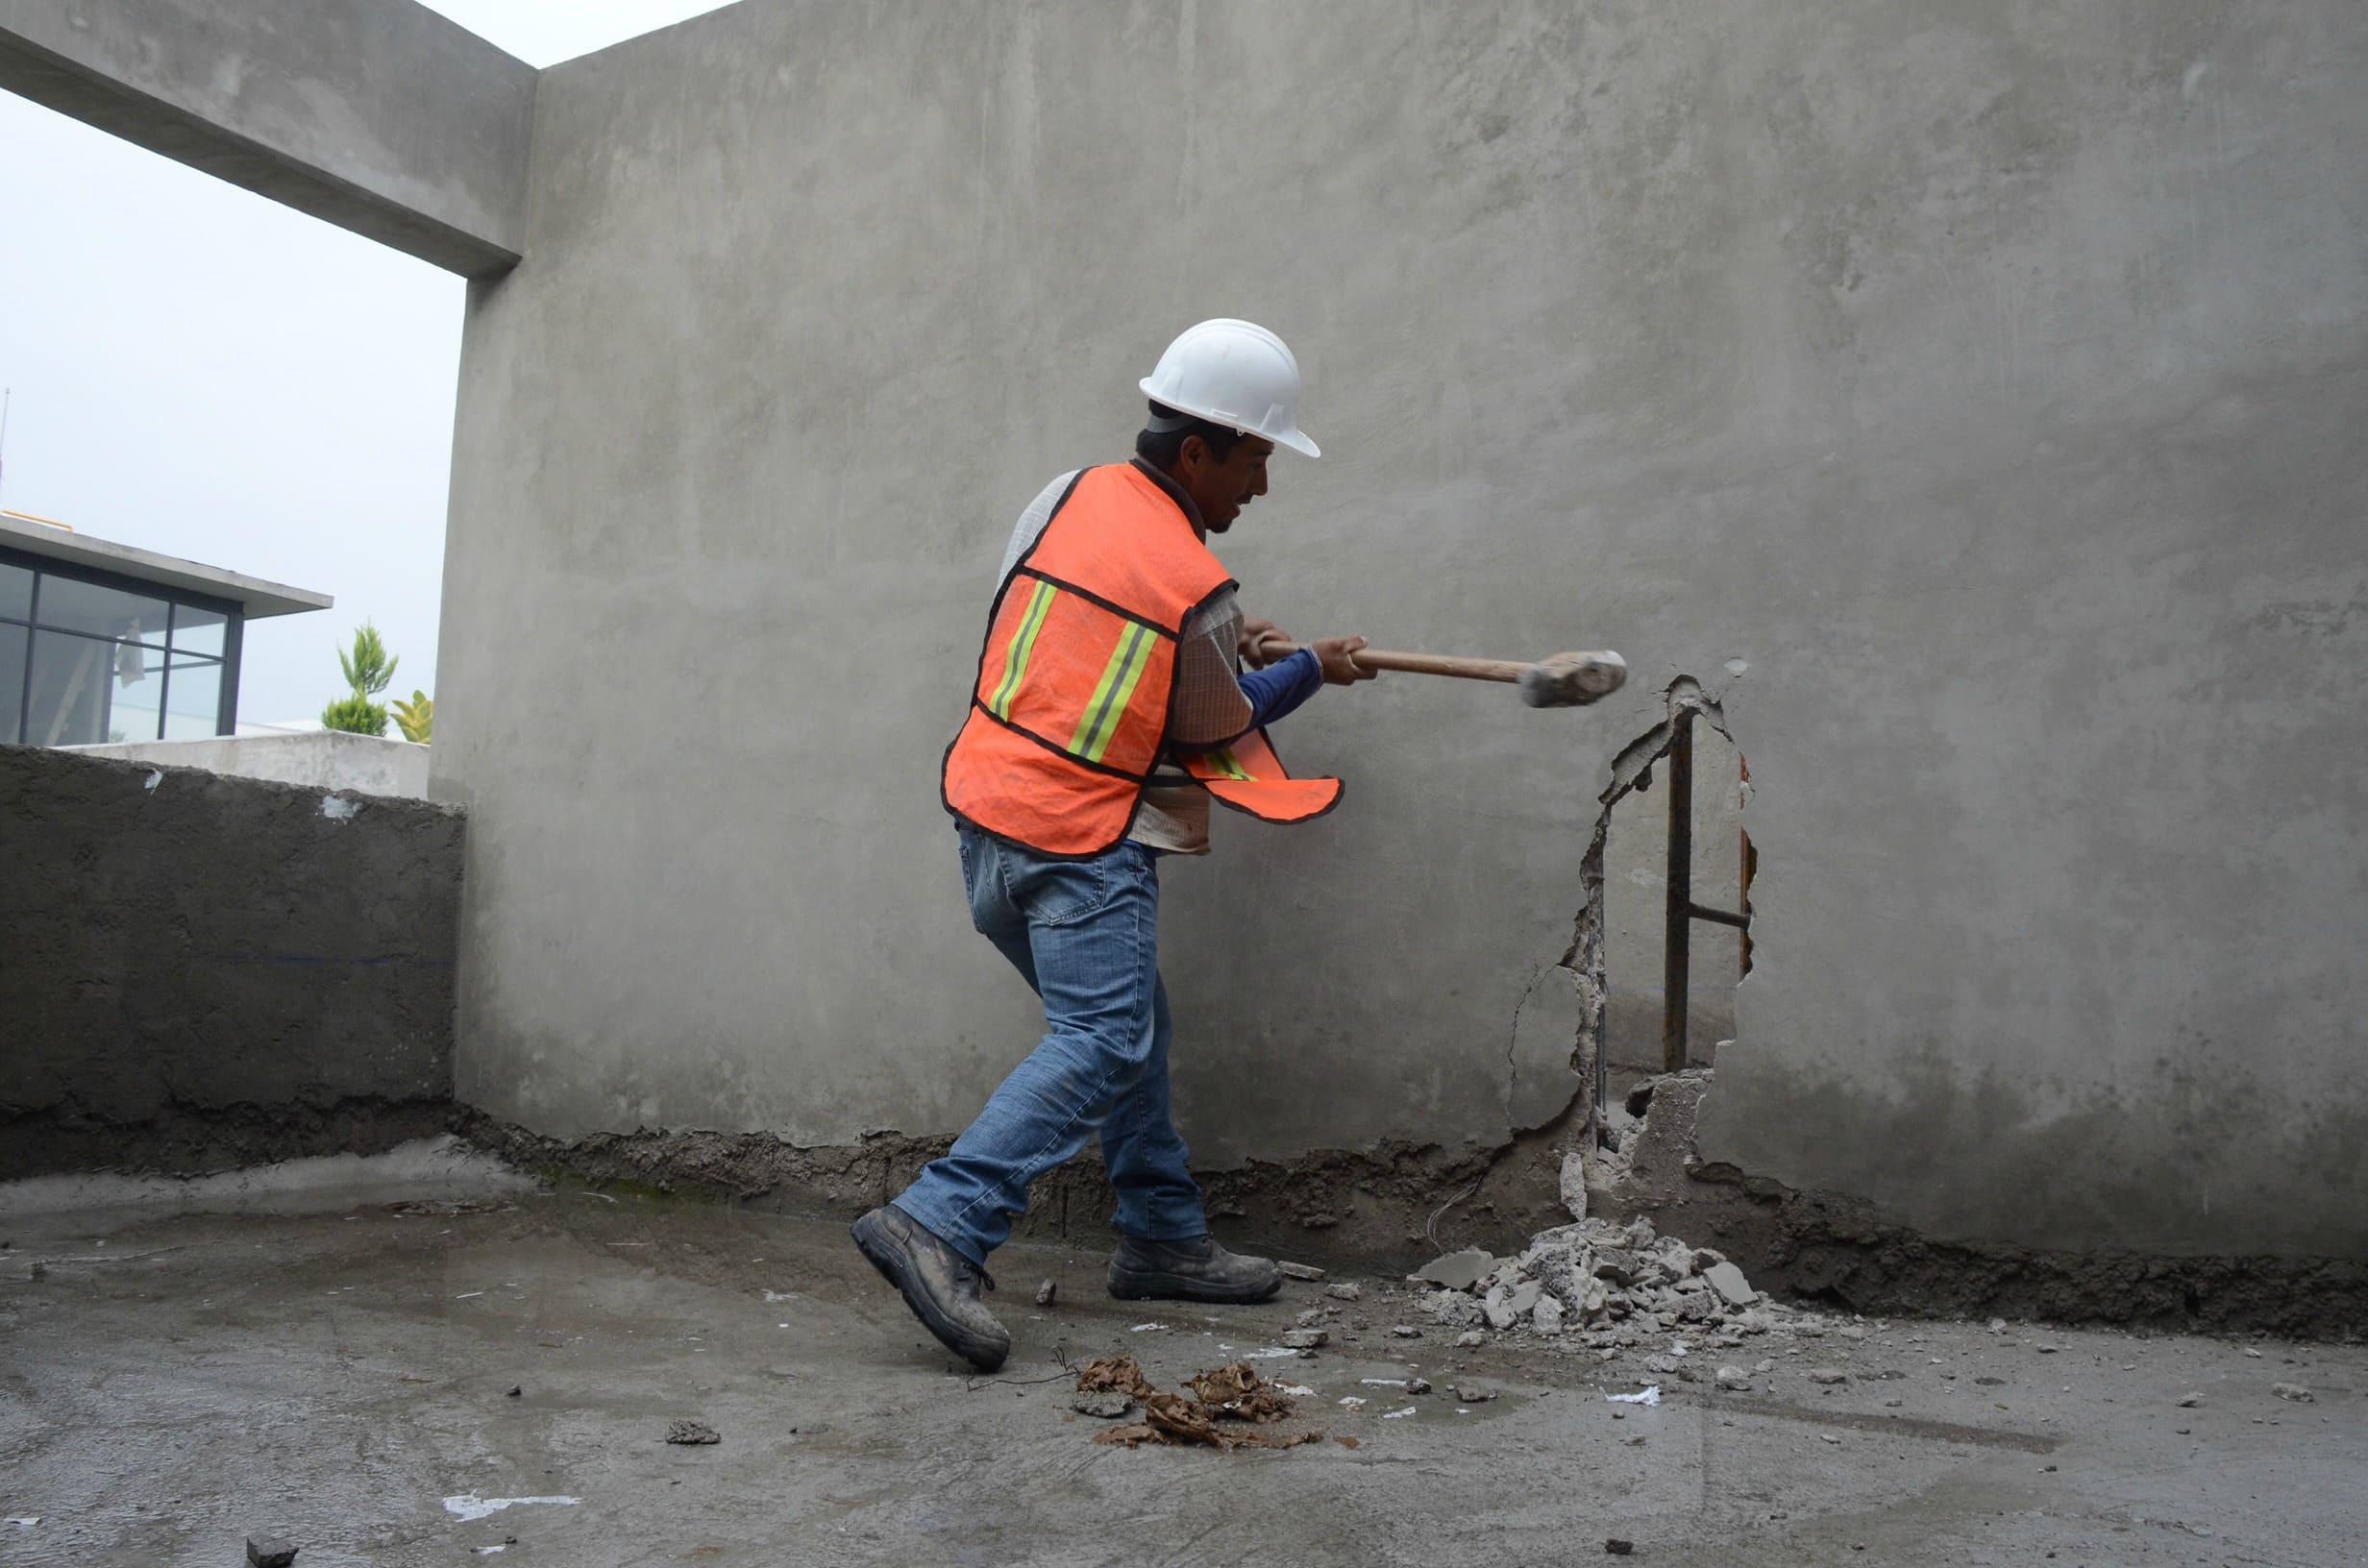 130717-FOTO-QUINTA-DEMOLICION-EN-CONSTRUCCION-IRREGULAR-(12).jpg